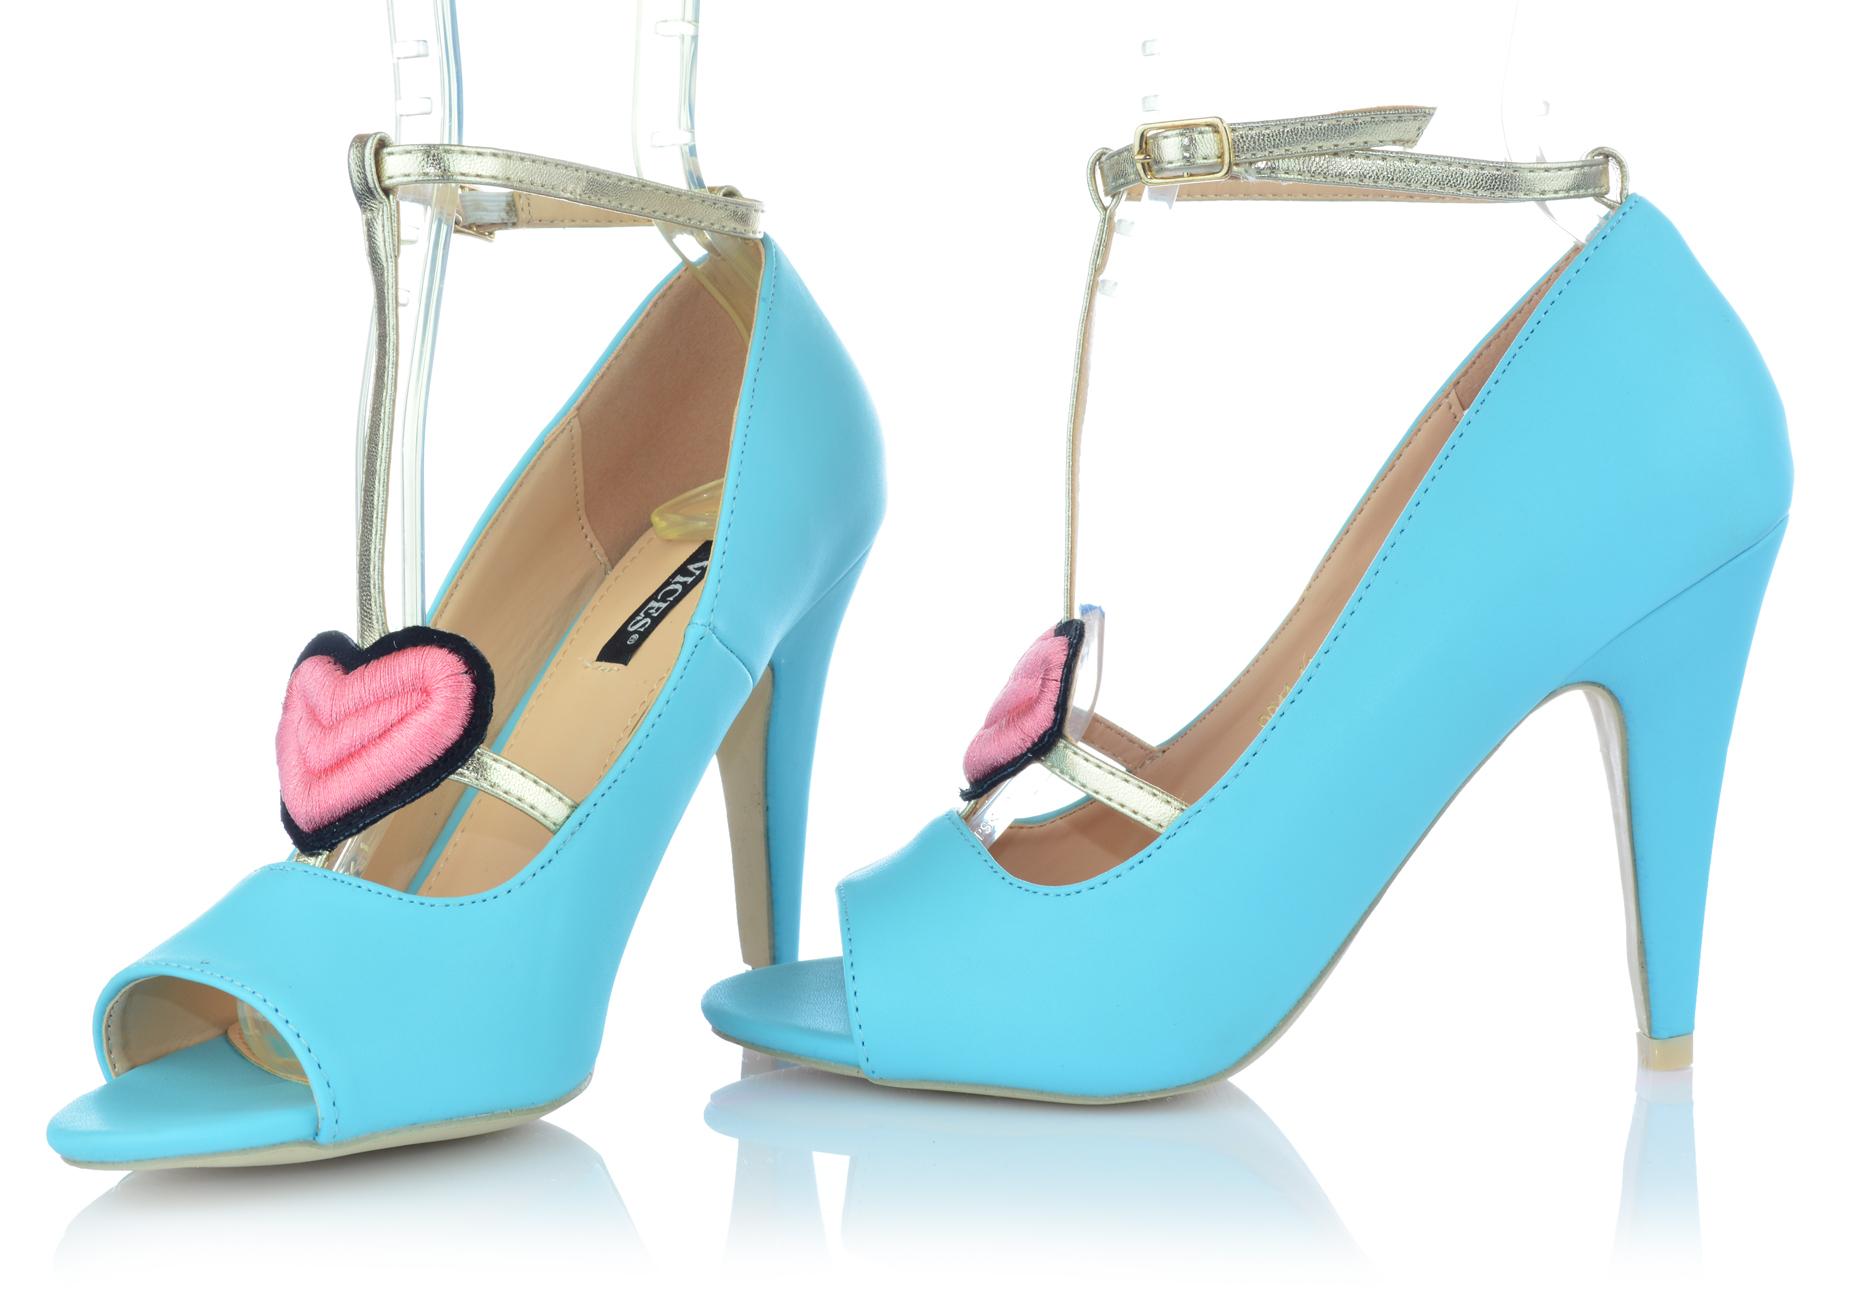 Zapatos-senora-tacon-alto-Stiletto-pumps-noche-zapatos-peep-con-tiras-zapatos-de-fiesta miniatura 8